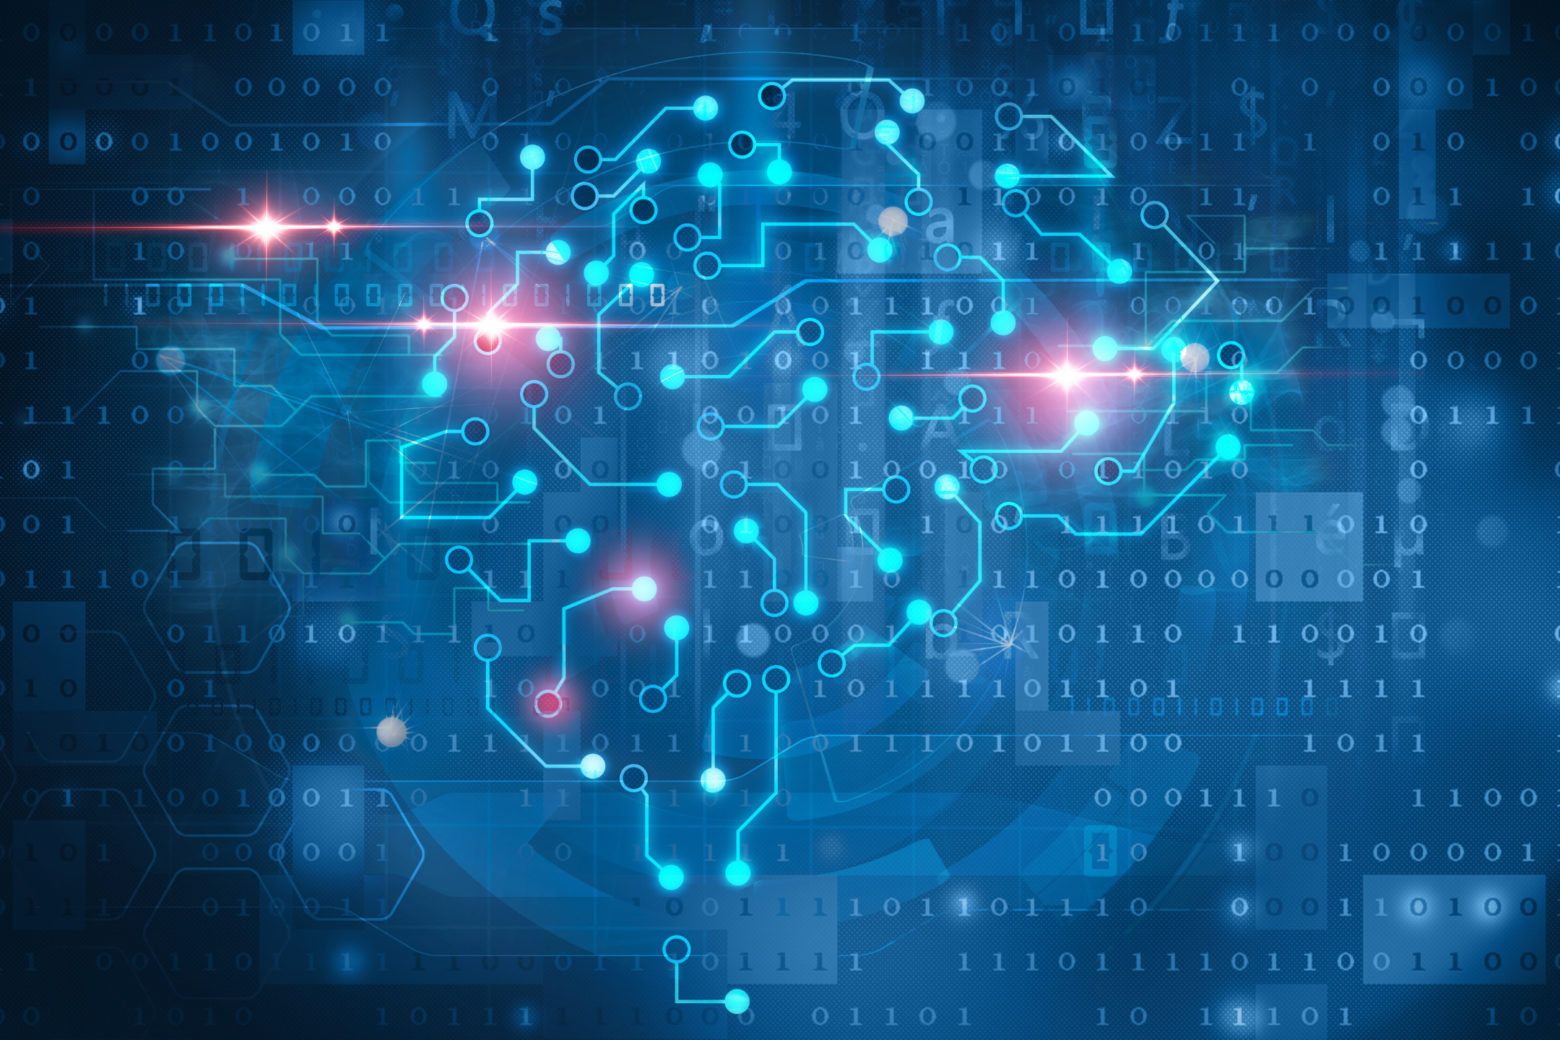 Künstliche Intelligenz: Profitieren Sie als Unternehmen von Künstlicher Intelligenz